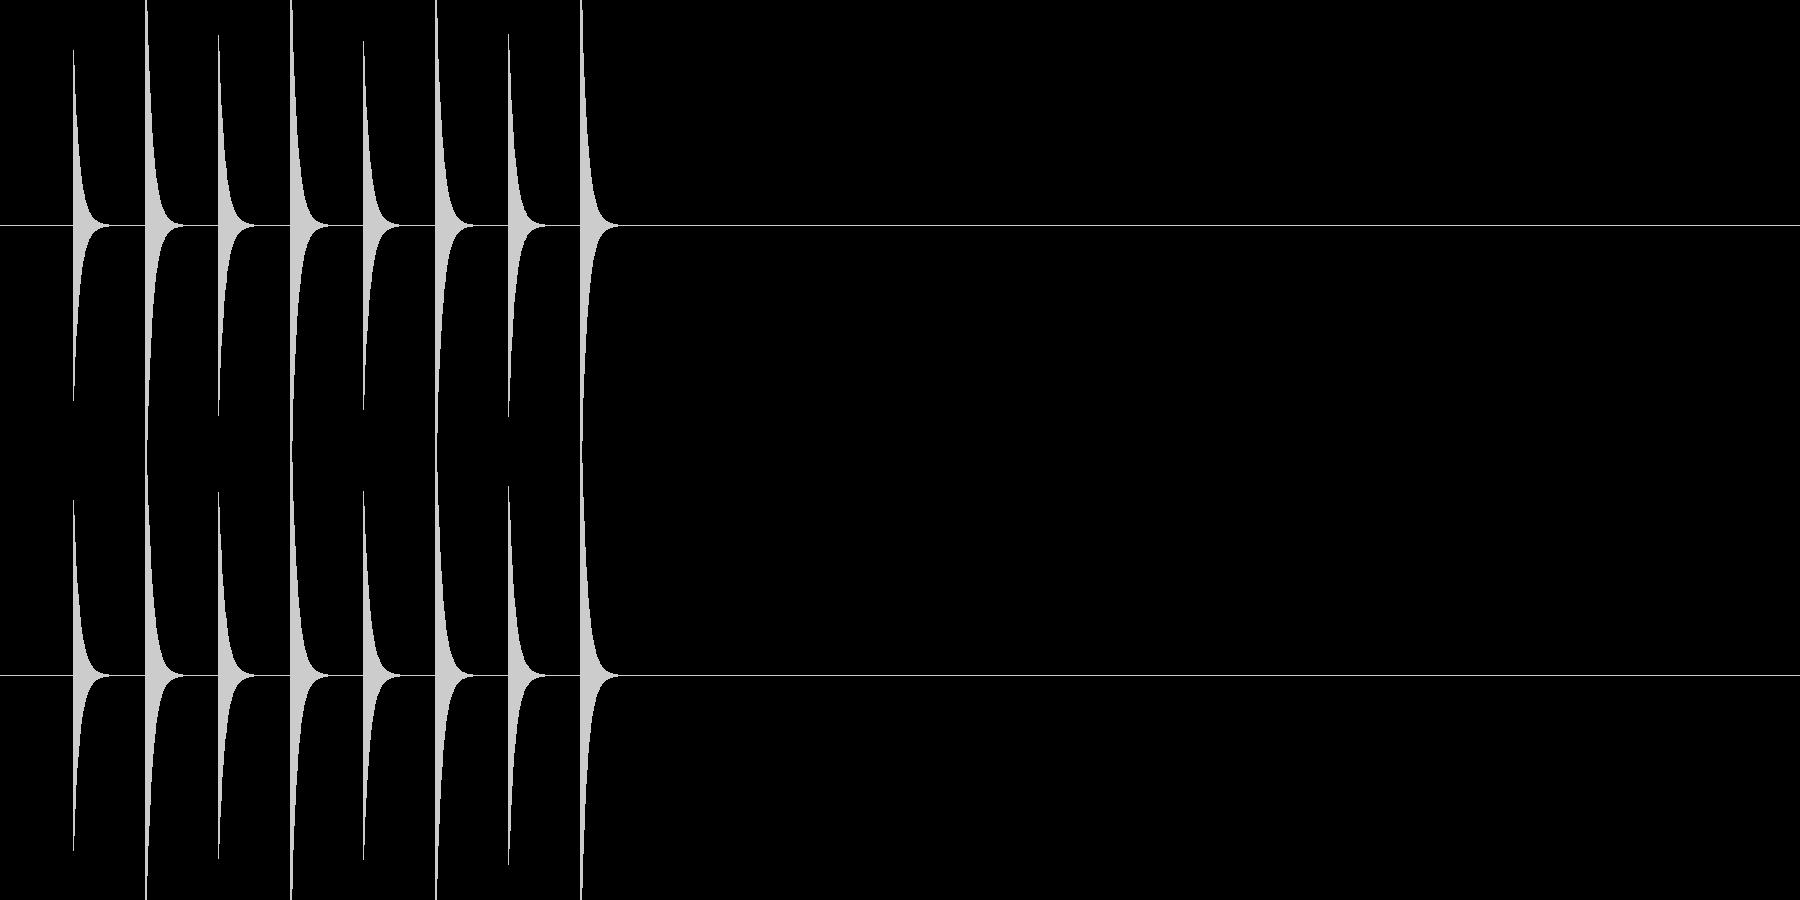 ピコピコピコピコ(ファミコン ゲーム音)の未再生の波形